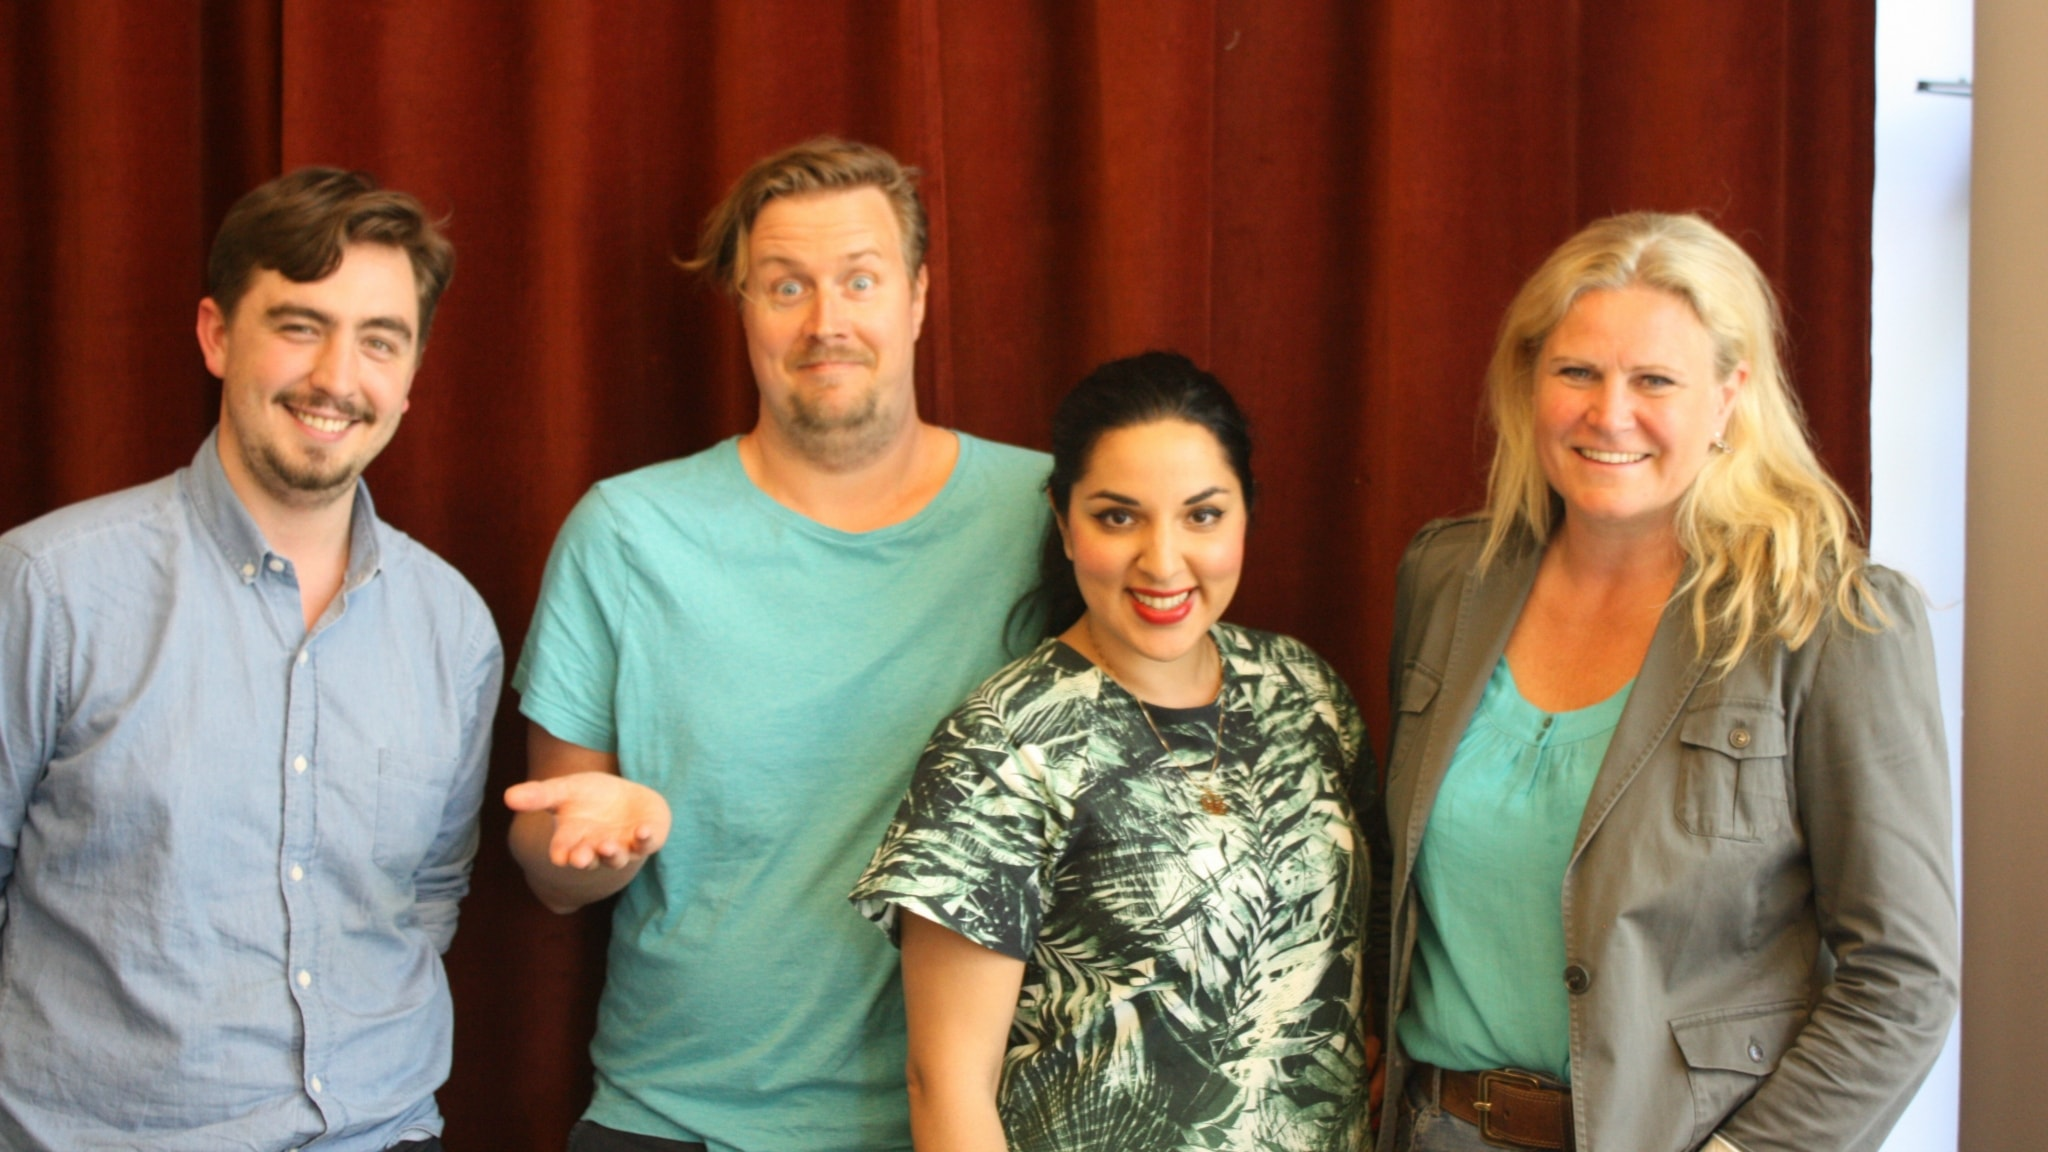 År 2014 - med Camilla Kvartoft, Tara Moshizi och Jack Werner!